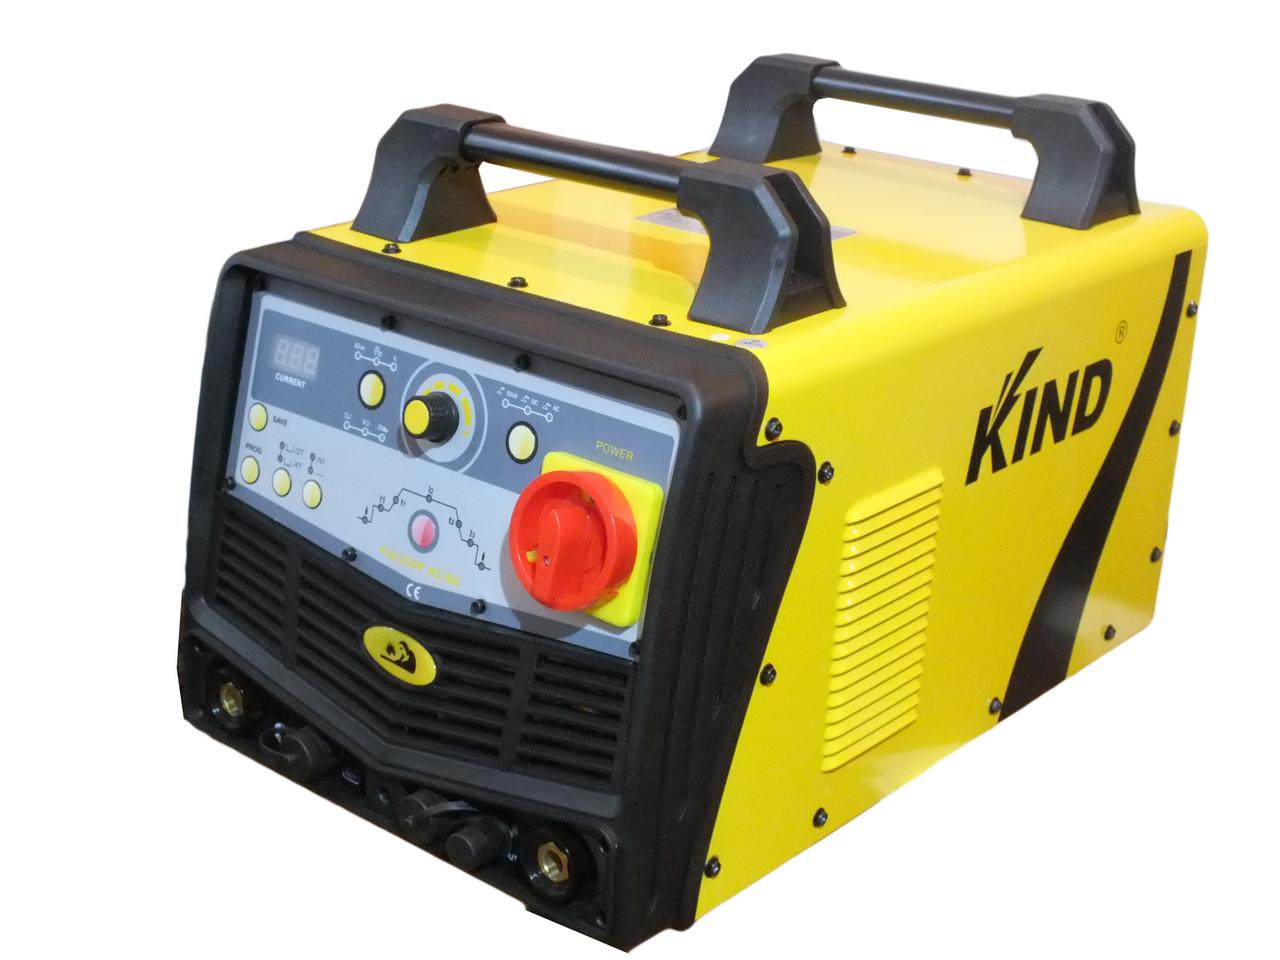 Универсальная аргонодуговая установка KIND TIG 200 P  AC/DC